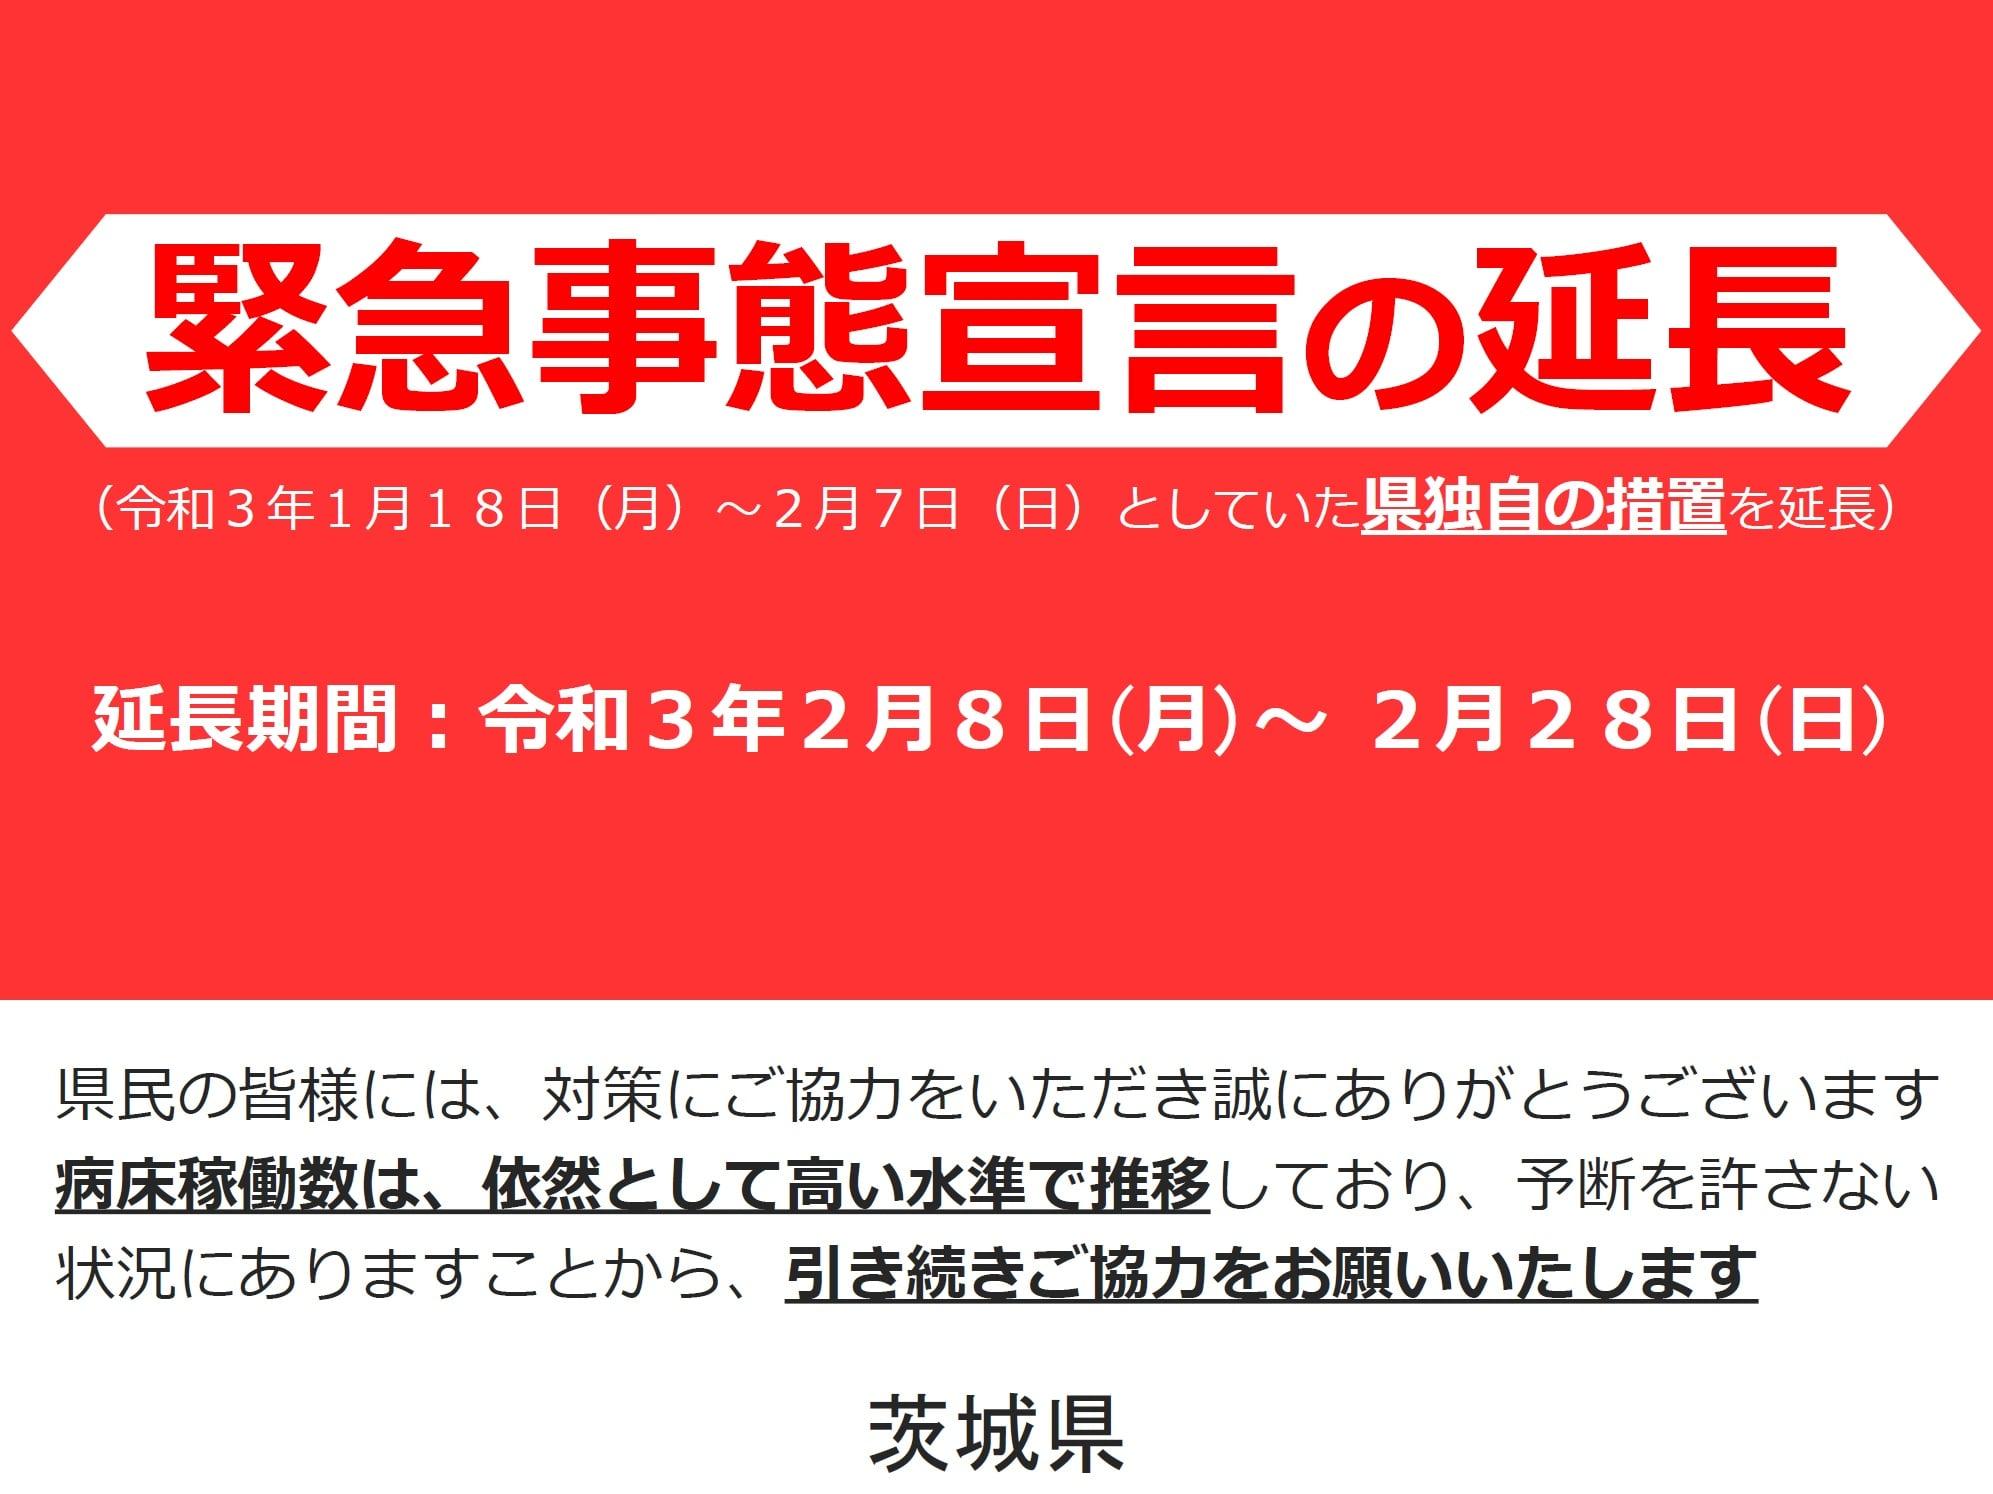 茨城県独自の緊急事態宣言が延長されましたpage-visual 茨城県独自の緊急事態宣言が延長されましたビジュアル